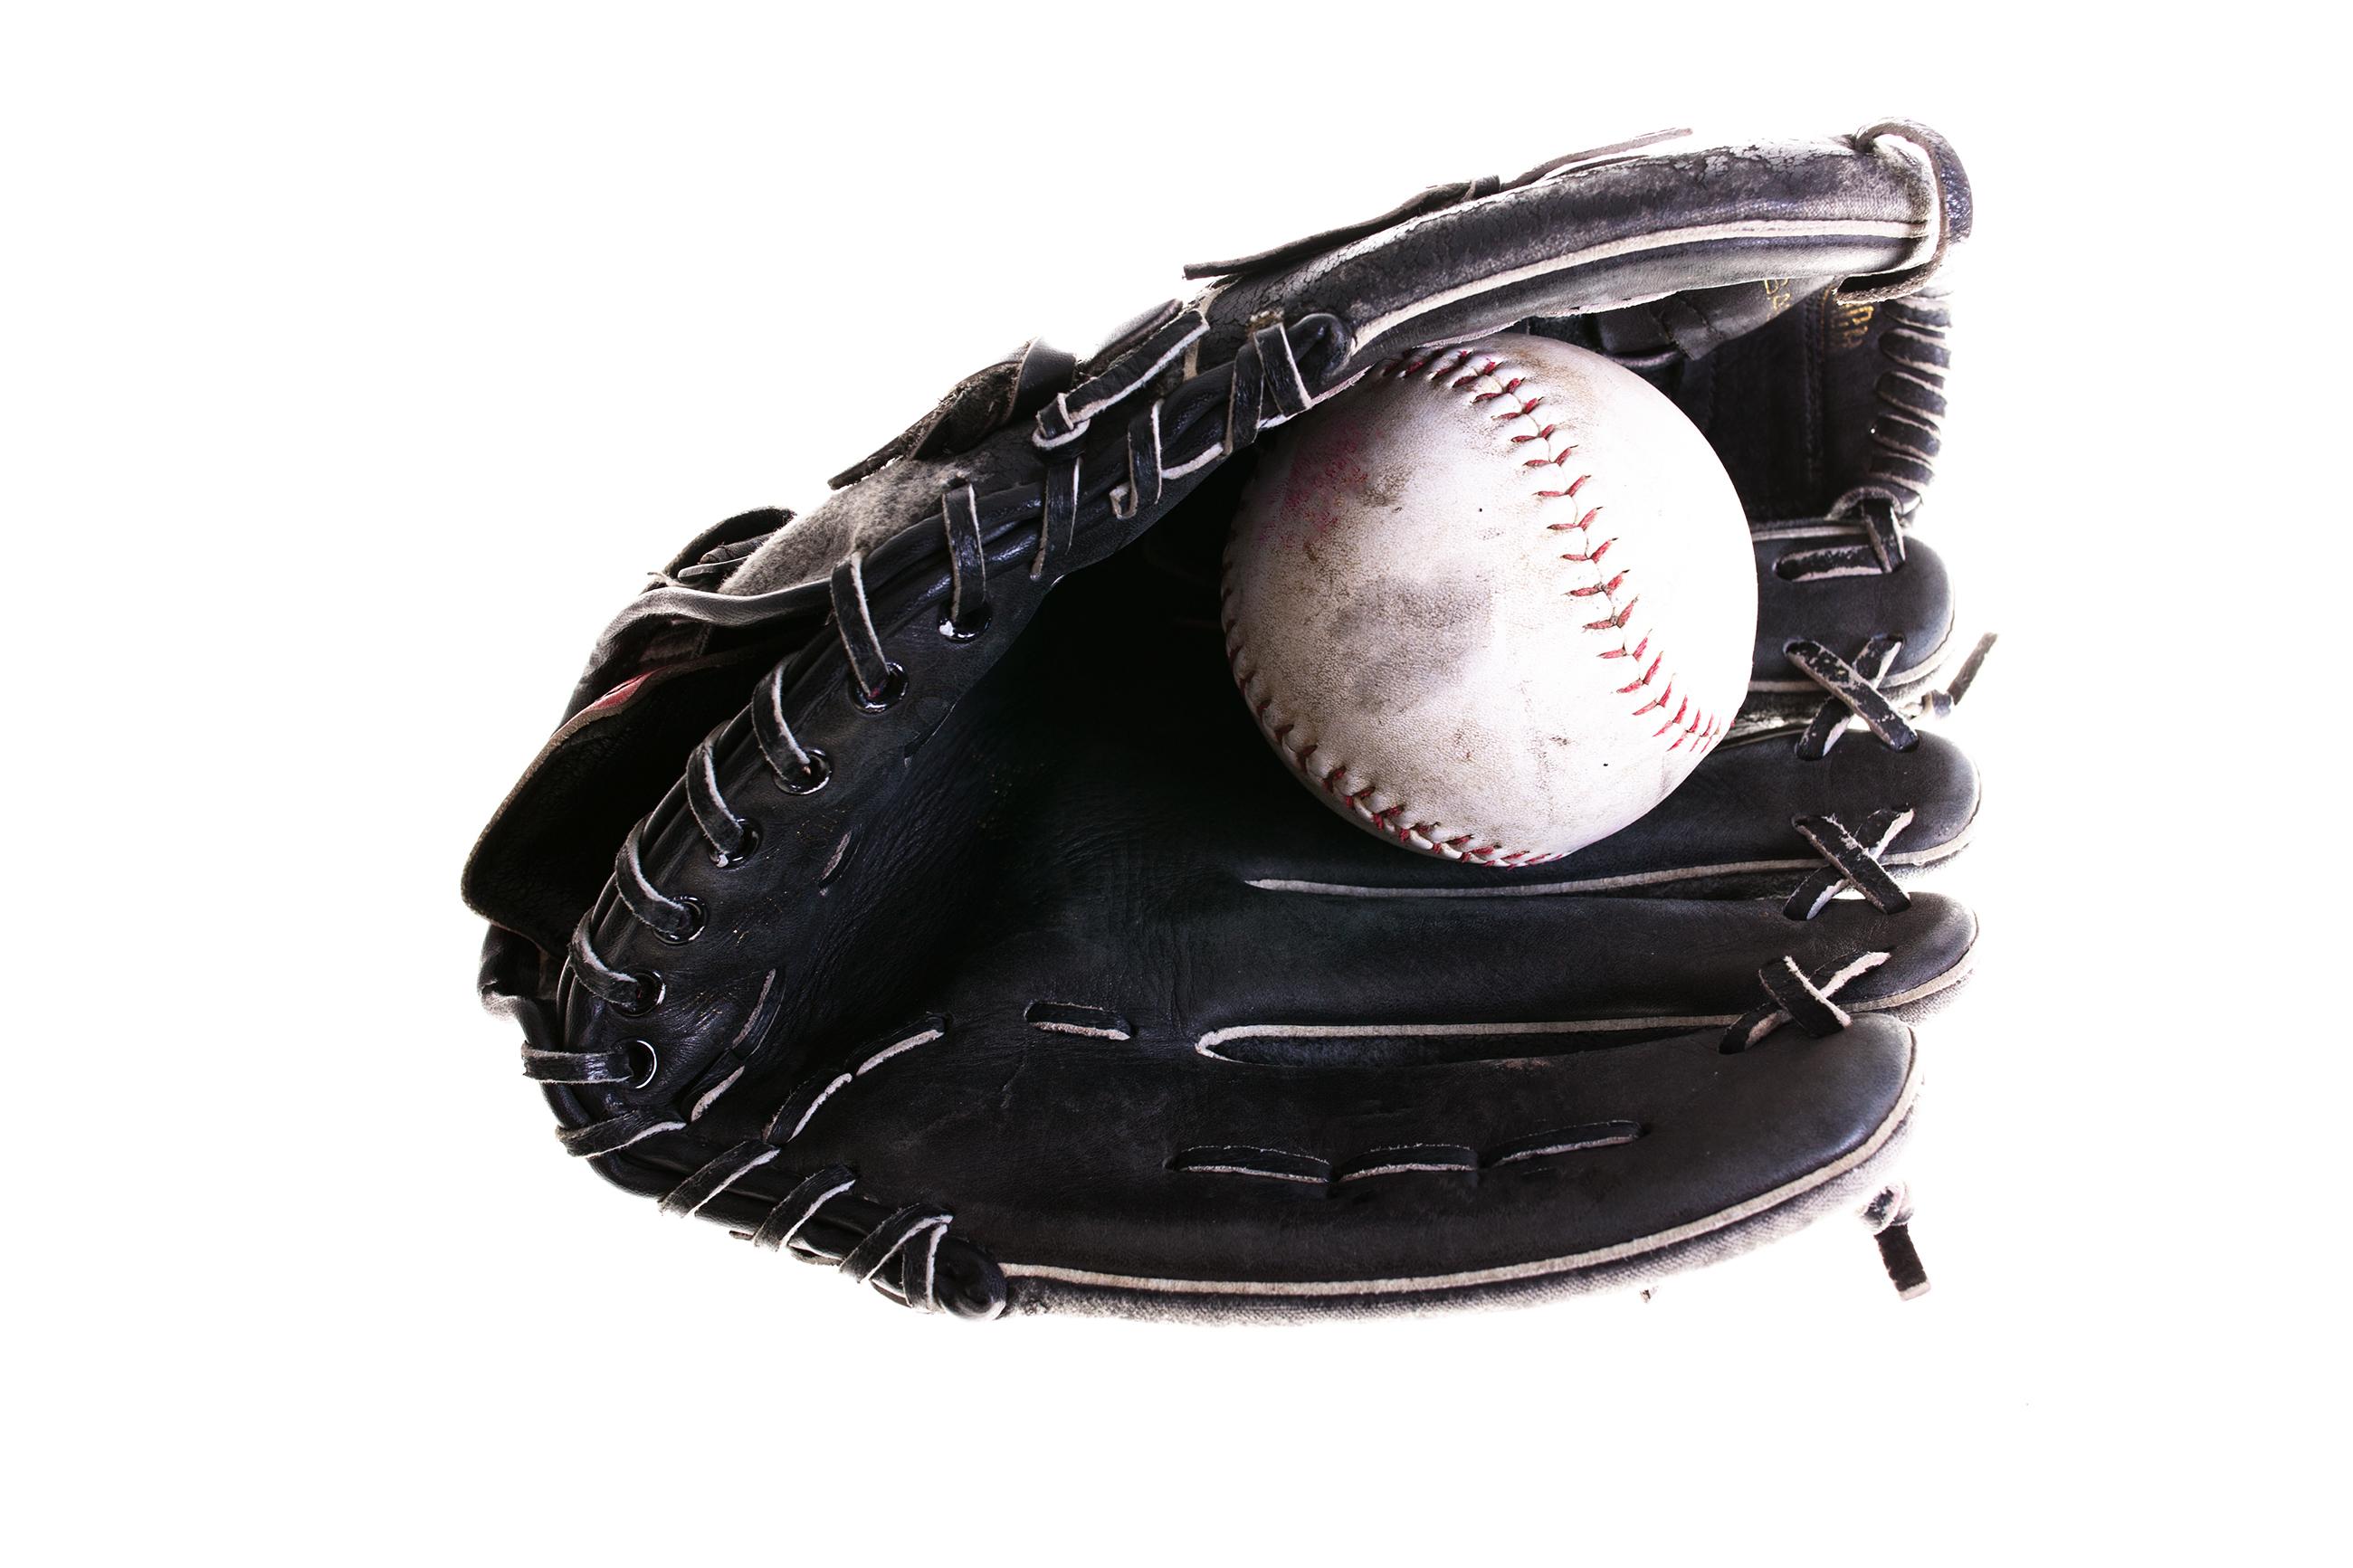 00aea05f3bb740ff0cae_Softball_glove.jpg